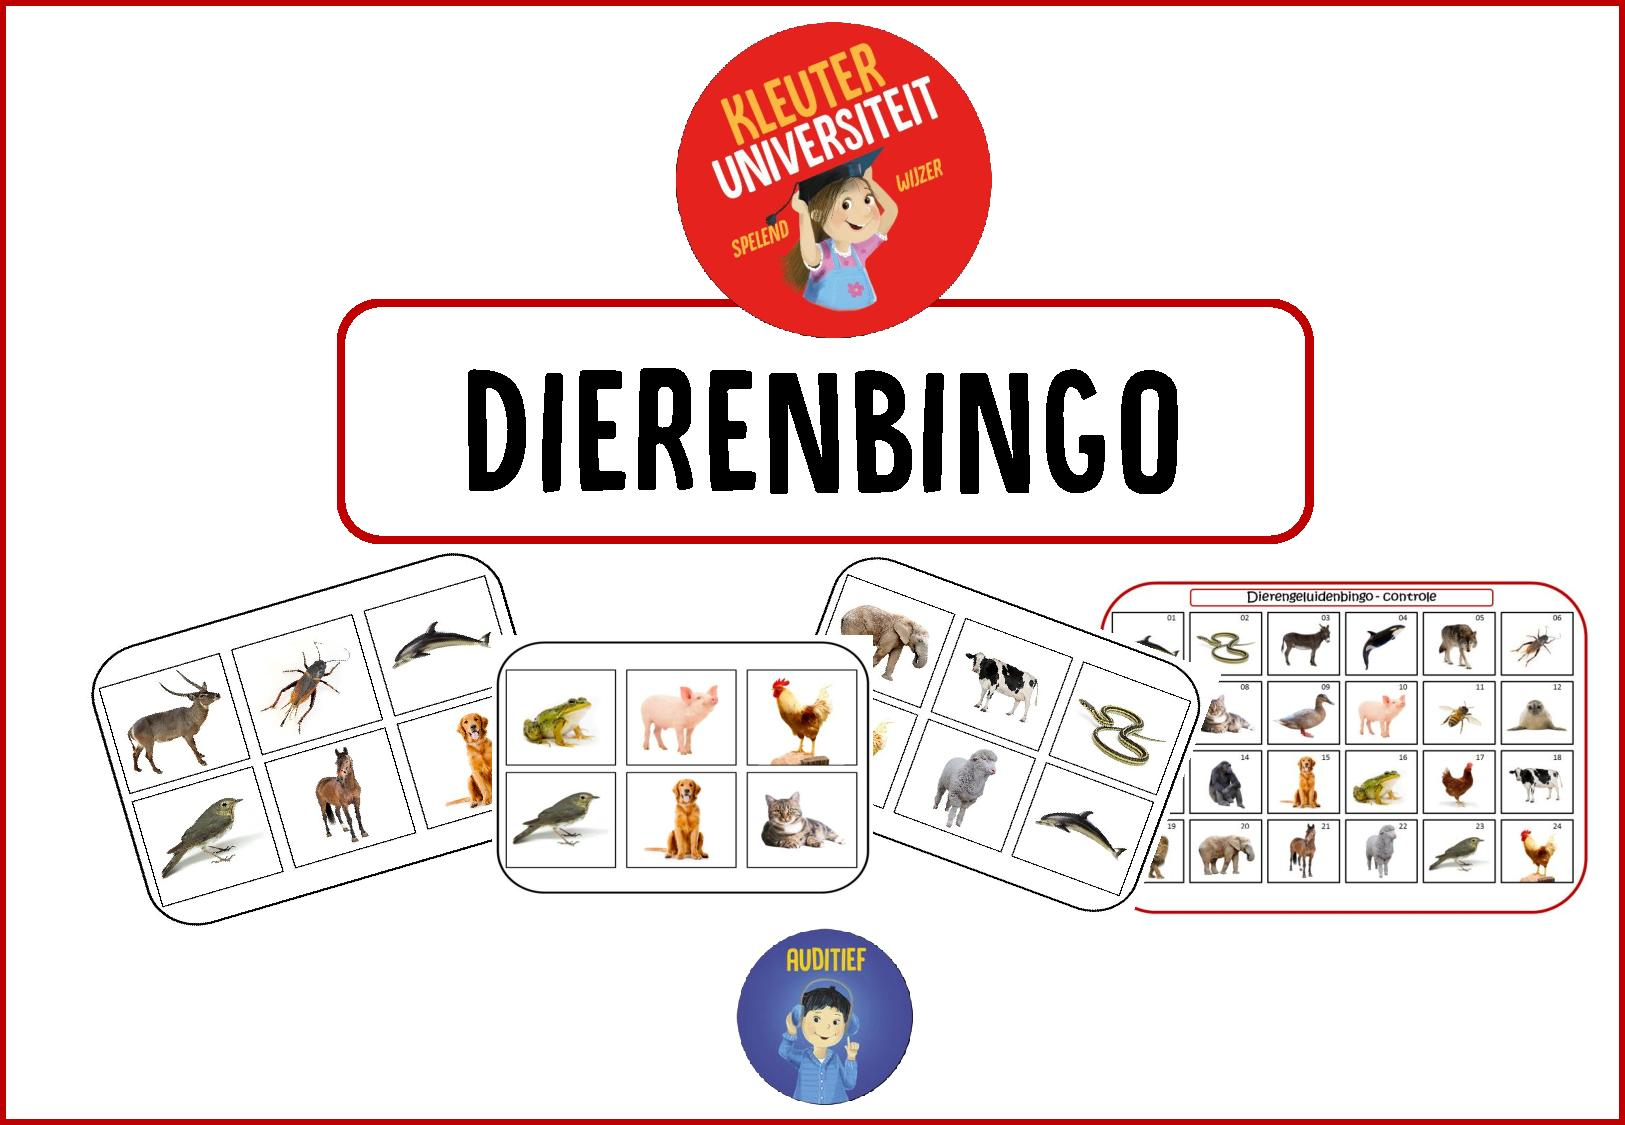 Genoeg Dierengeluiden bingo | Kleuteruniversiteit JE87